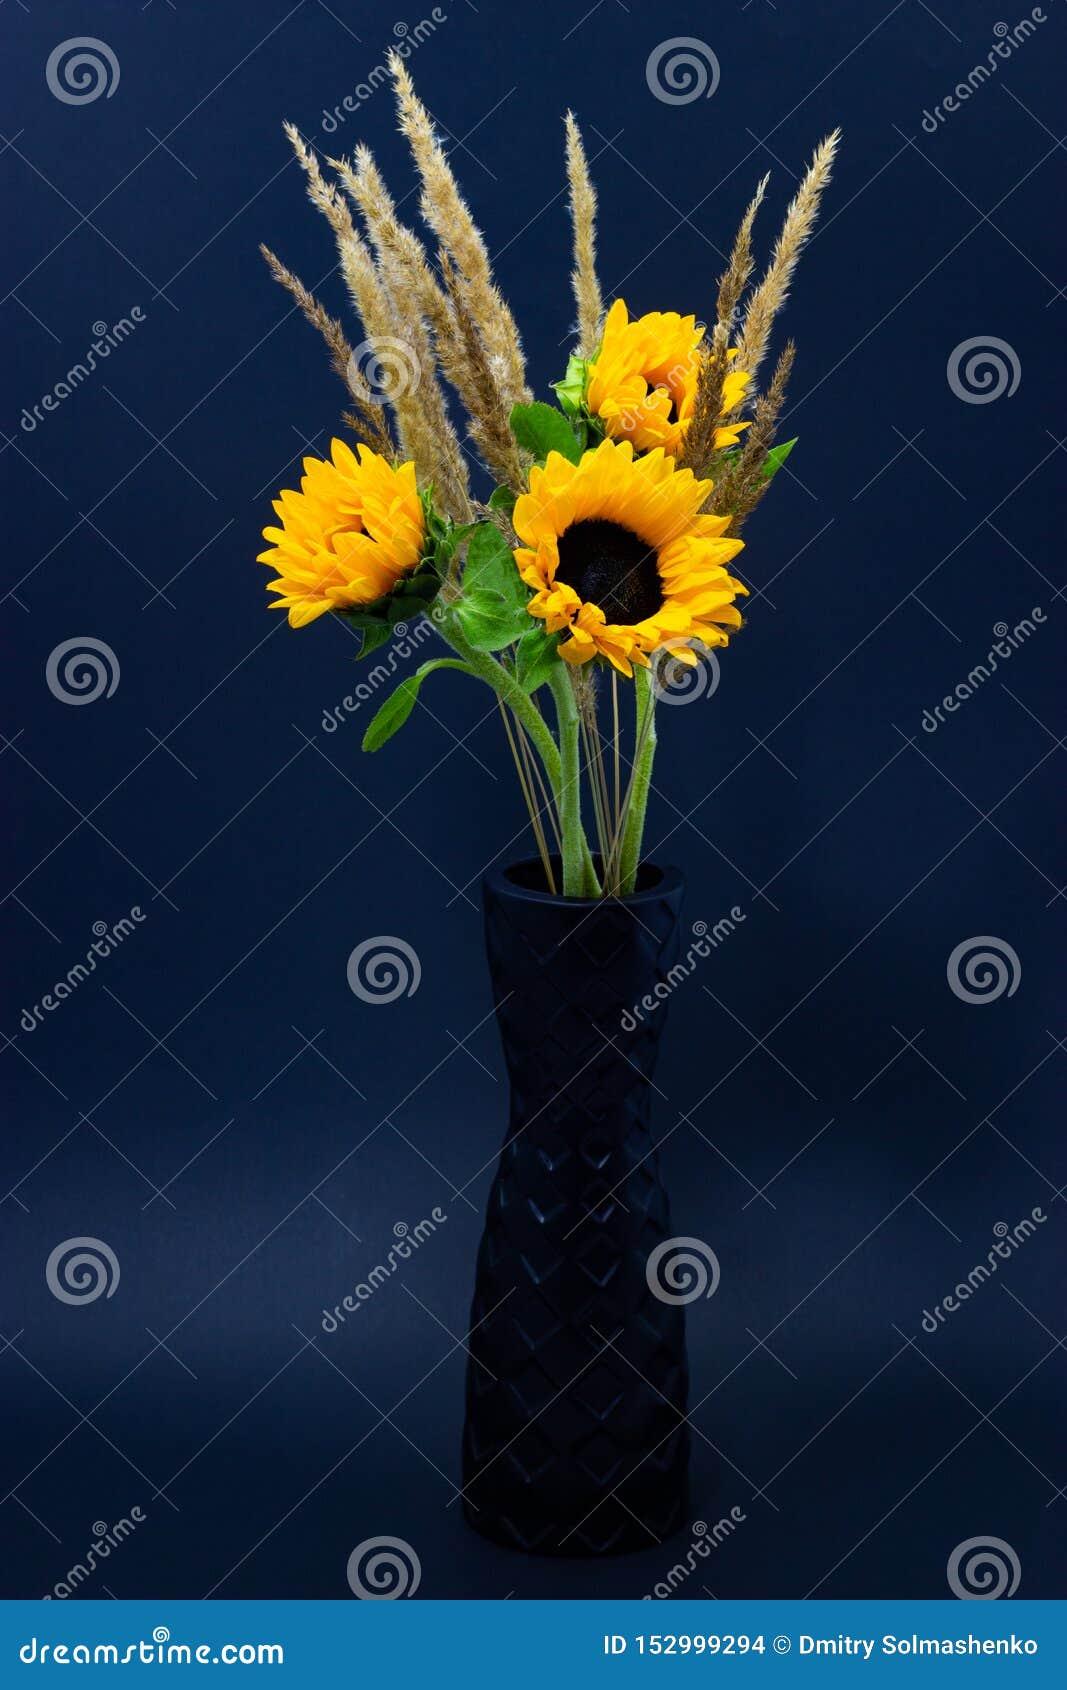 Подсолнечник, яркие желтые солнцецветы с хлопьями в черной вазе на предпосылке темной предпосылки флористической